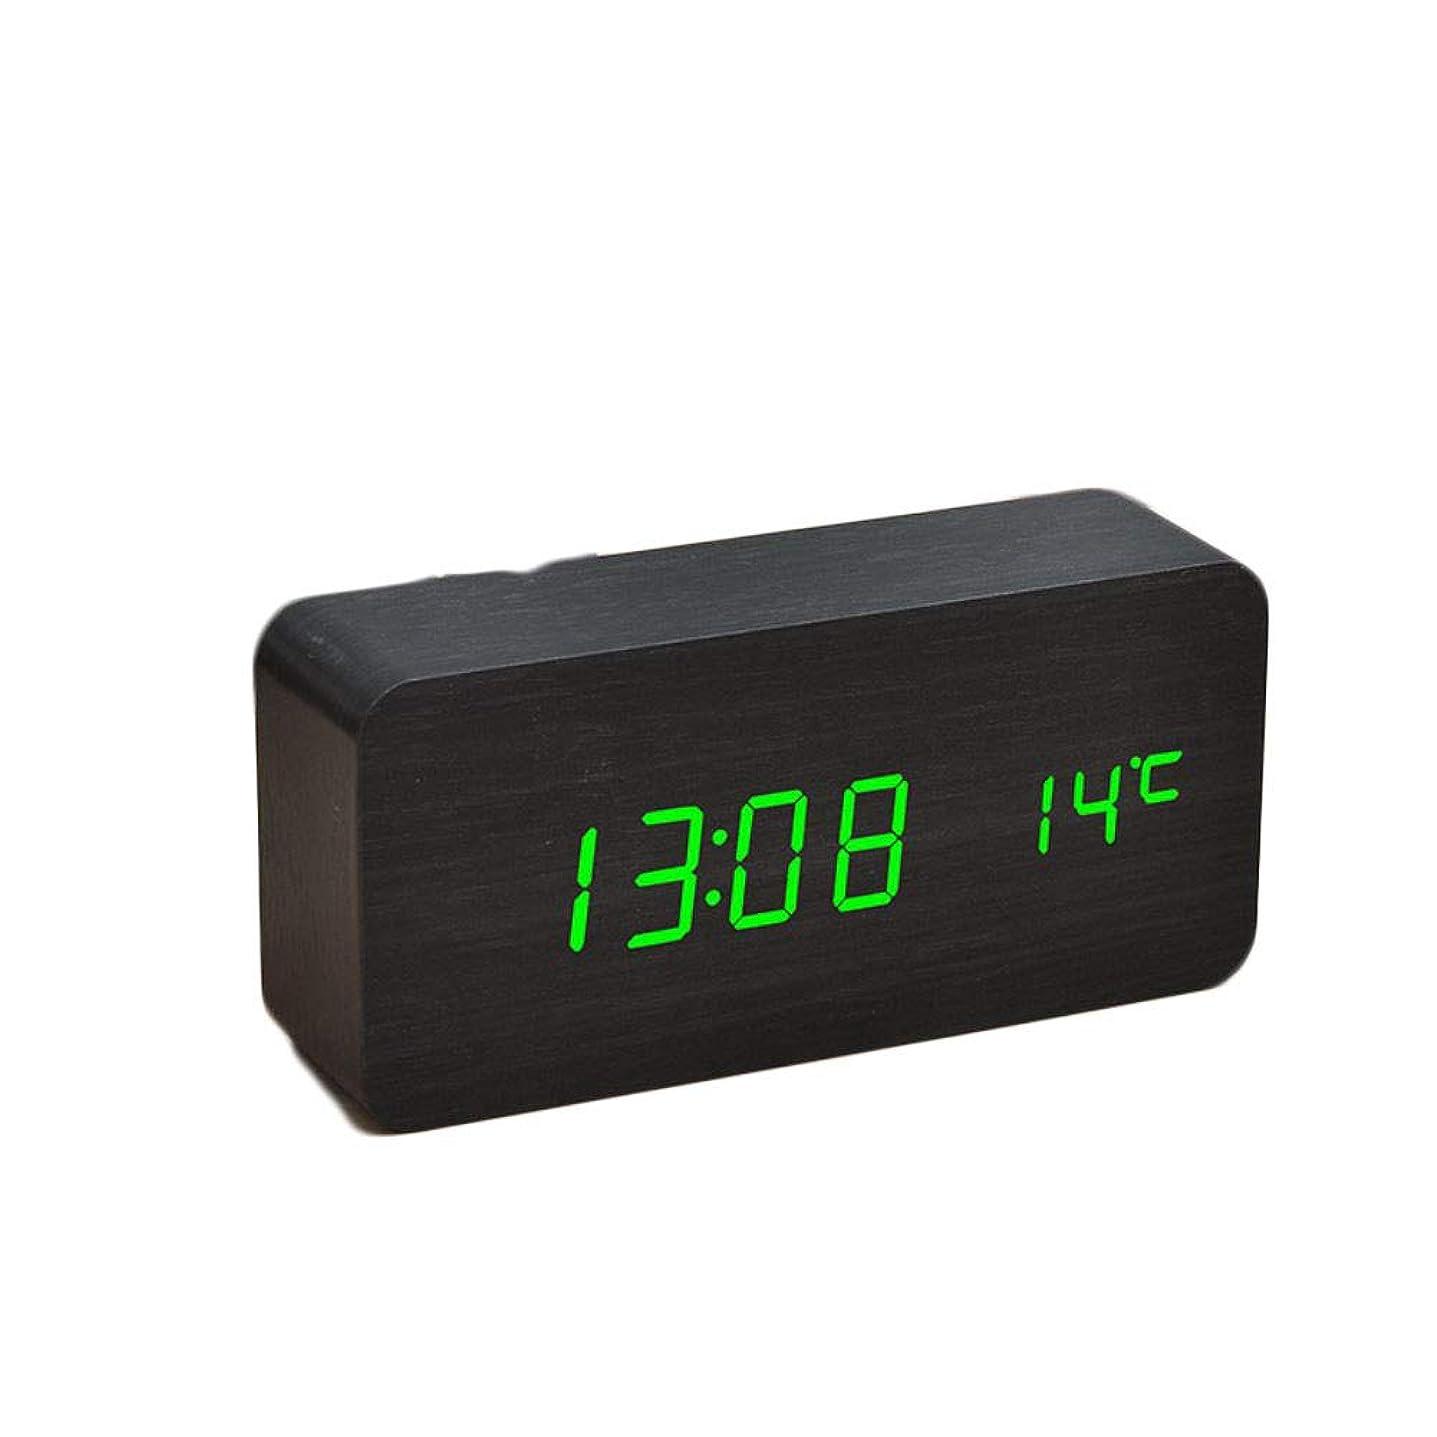 娯楽アリスジェームズダイソン木製の学生湿度計枕元の目覚まし時計ミュートLED電子時計,黒木緑の単語